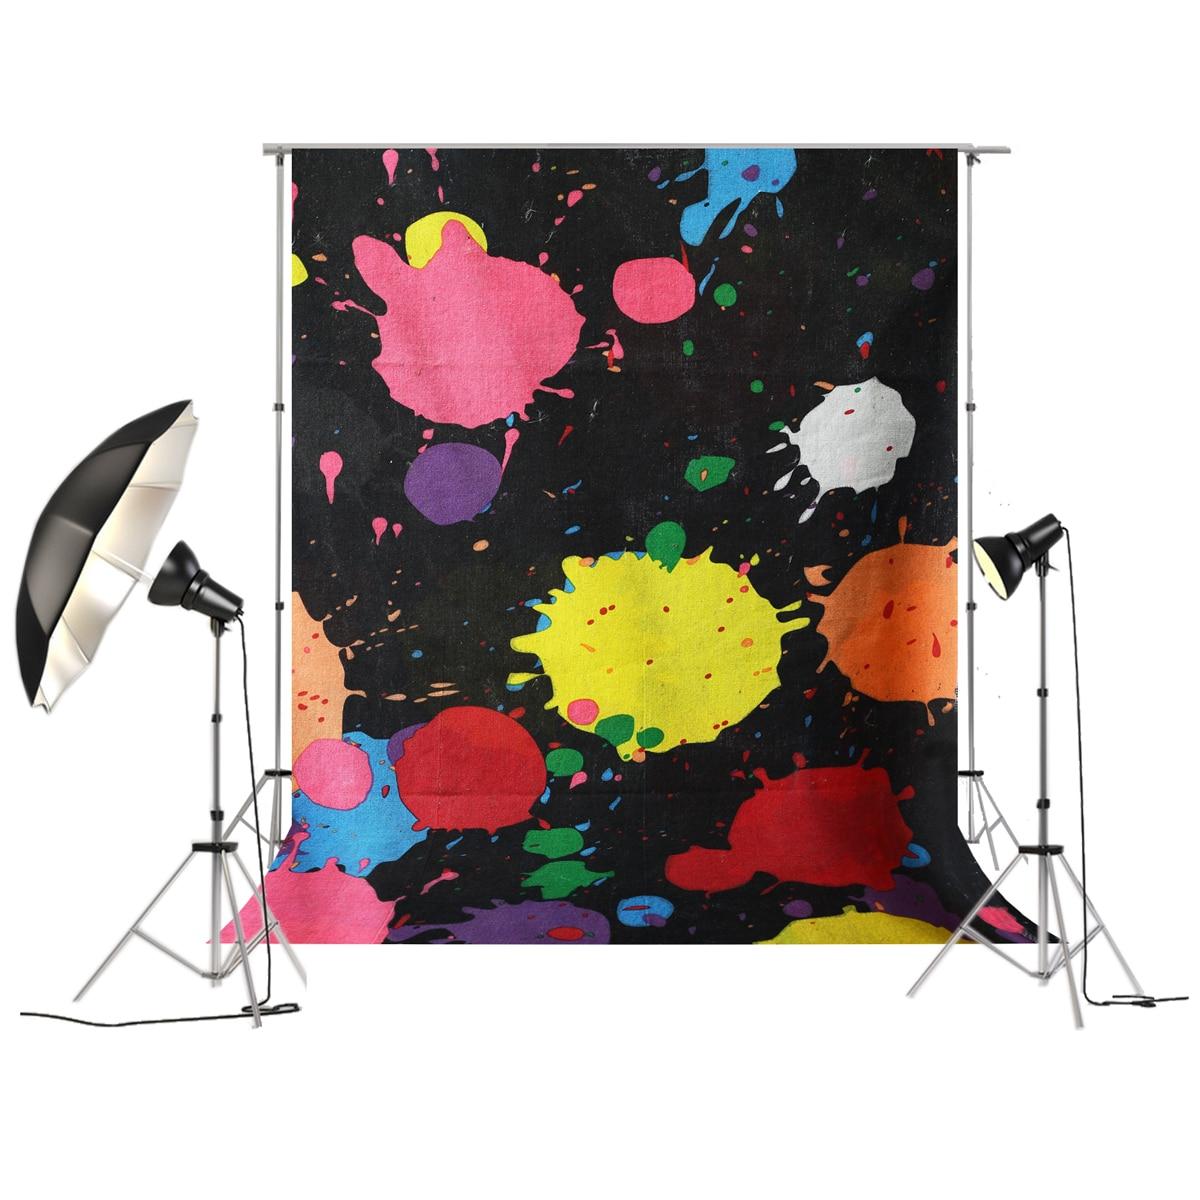 Давайте свечение фон вечерние партии события краски брызг баннер Фон Photo Booth Shoot Glow тема вечерние партии фотографии D-1368